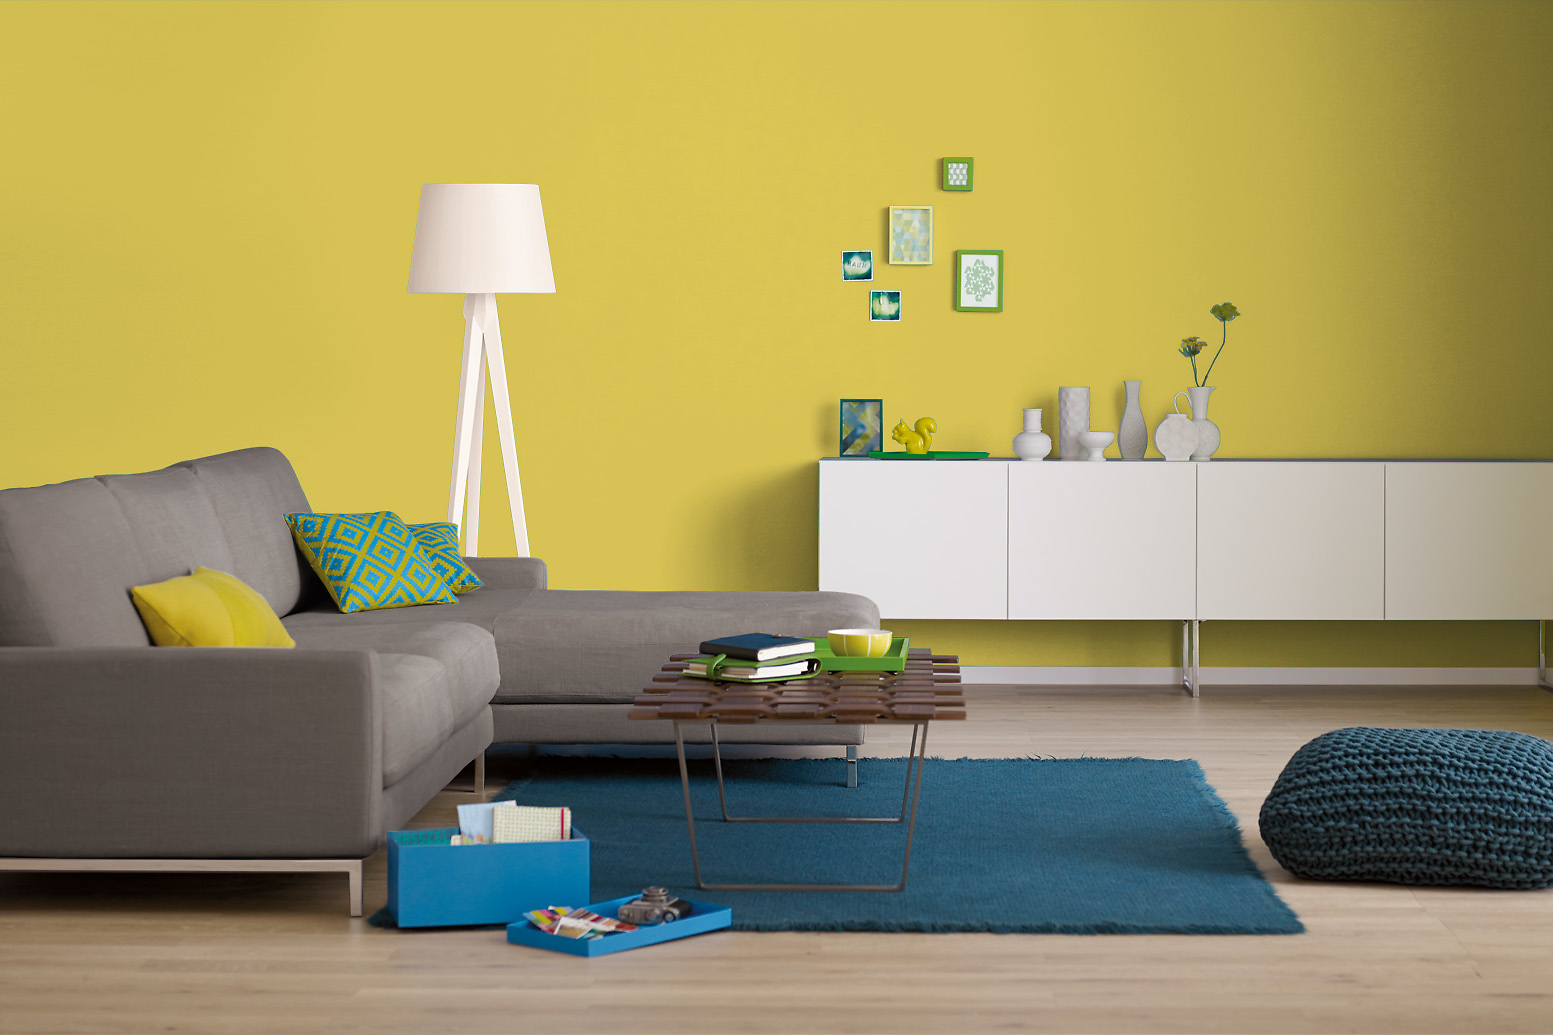 innenfarbe in gelb bananengelb streichen alpina farbrezepte sommerzeit alpina farben. Black Bedroom Furniture Sets. Home Design Ideas